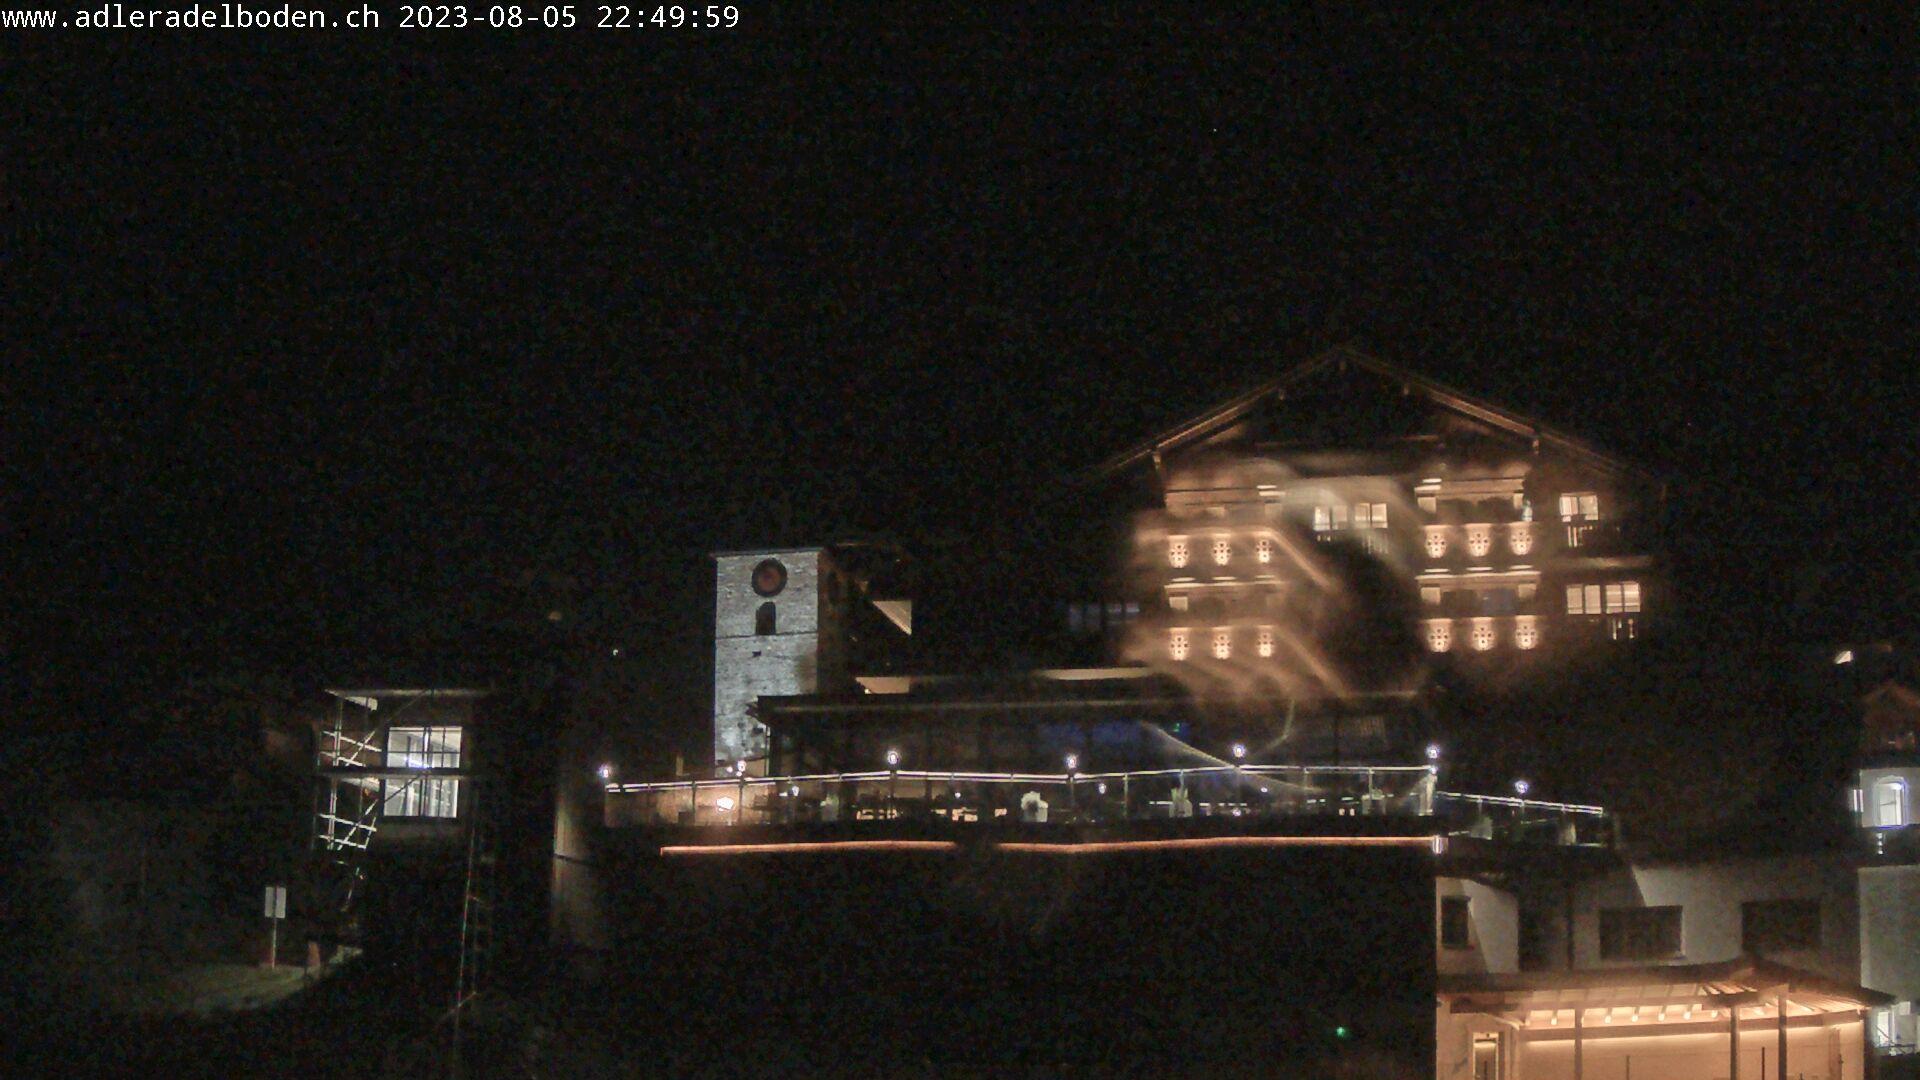 Adelboden Hotel Adler